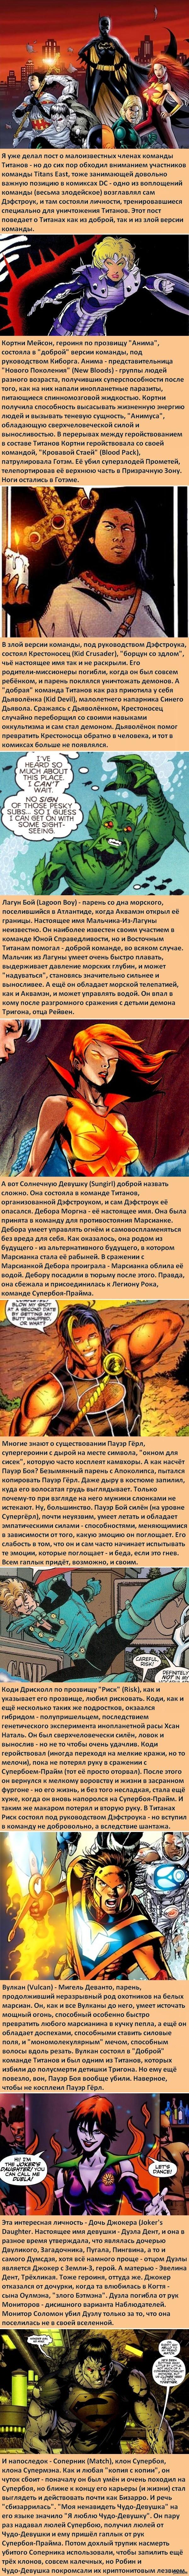 Факты о супергероях: Восточные Титаны Не особо везёт участникам этих команд по жизни.